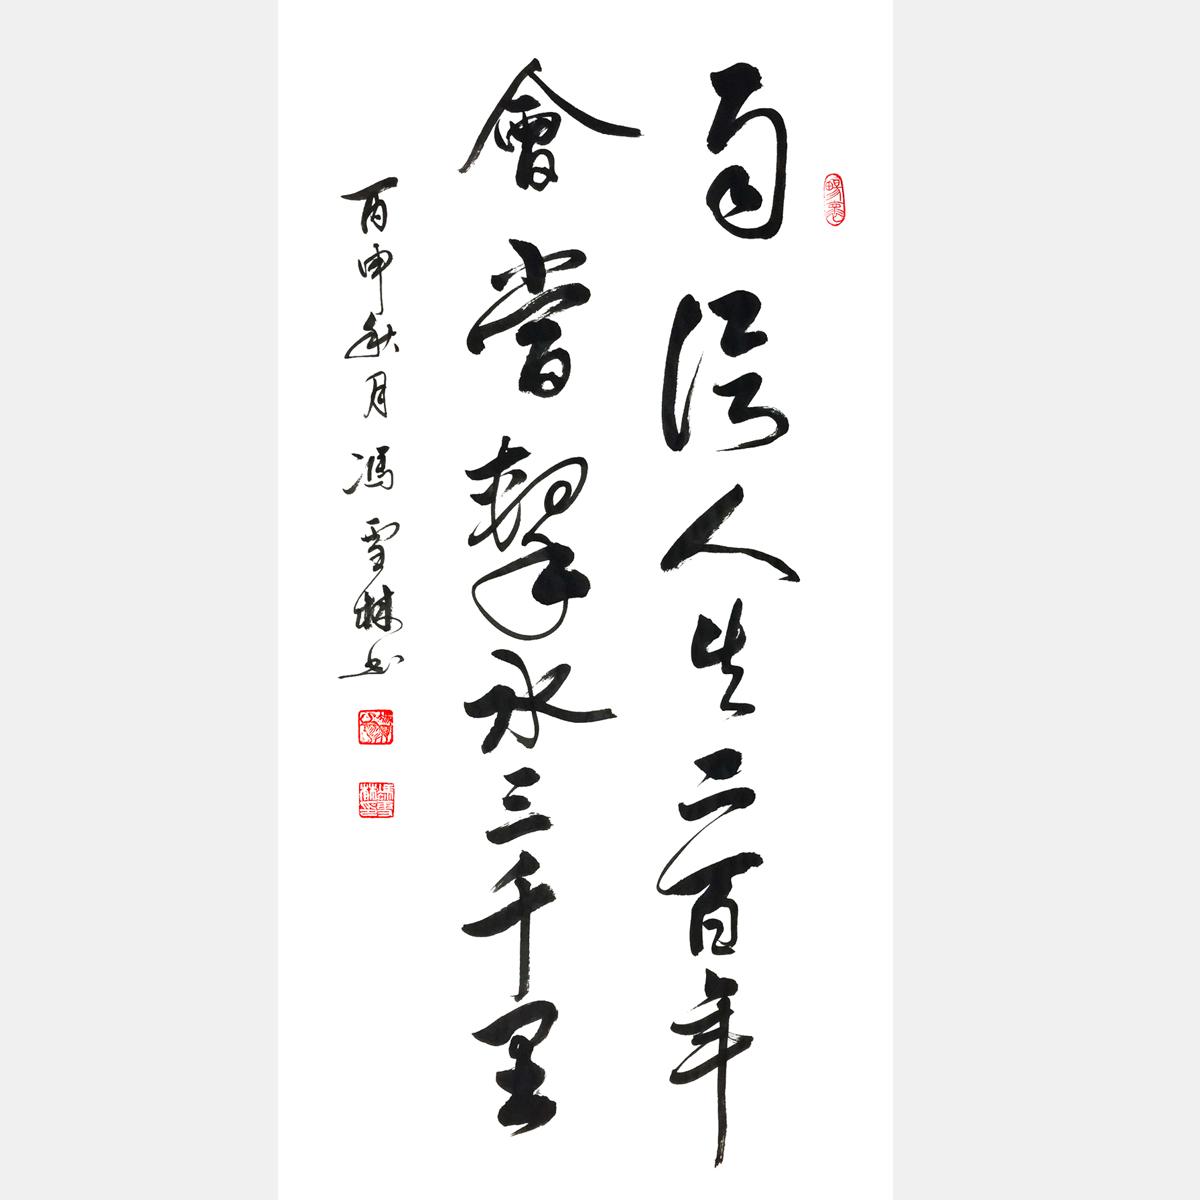 毛主席名句《自信人生二百年,会当水击三千里。》